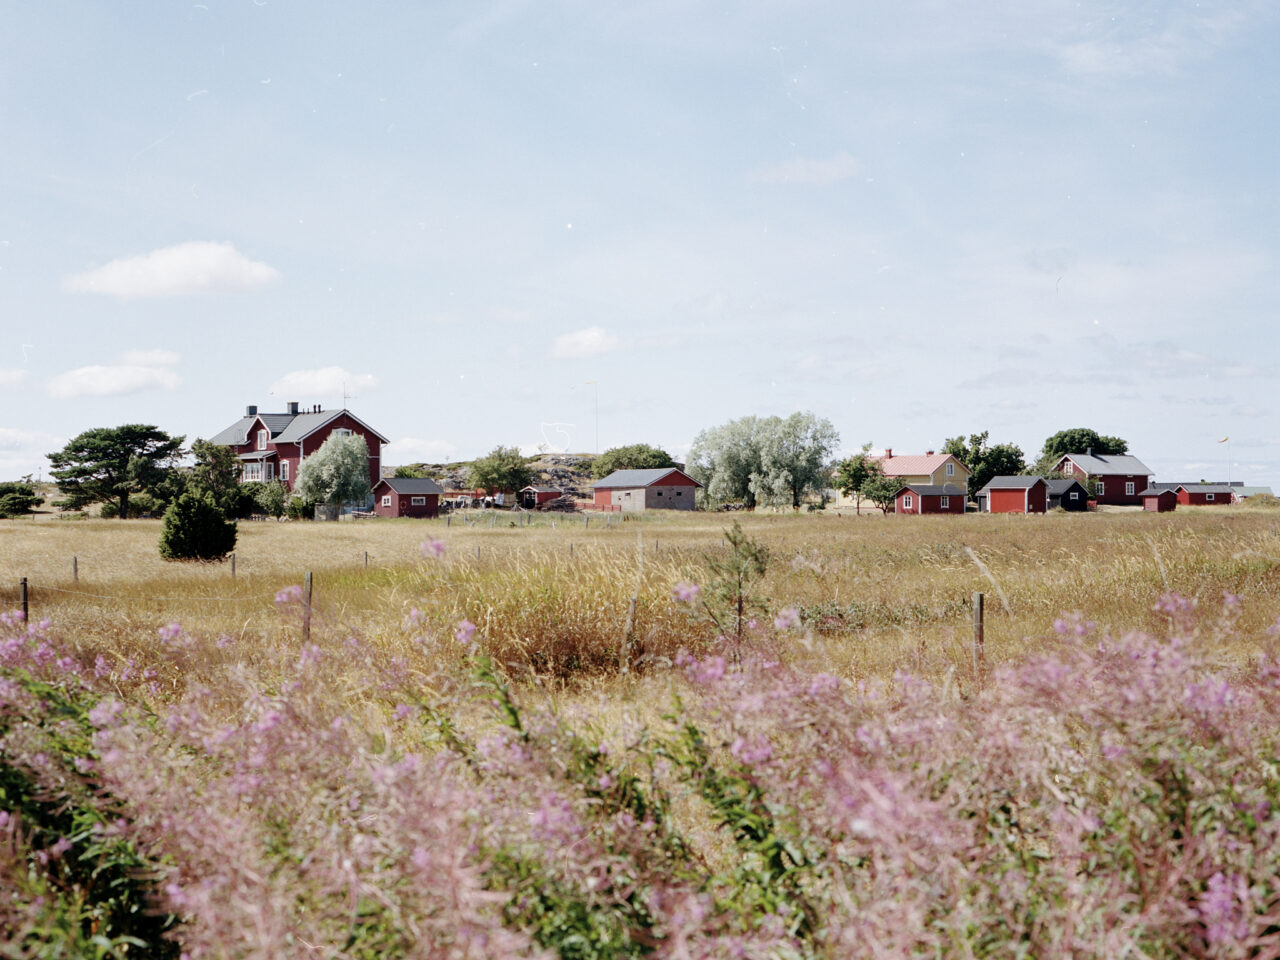 Jurmo, Saaristomeri (värikuva, 120 filmi)